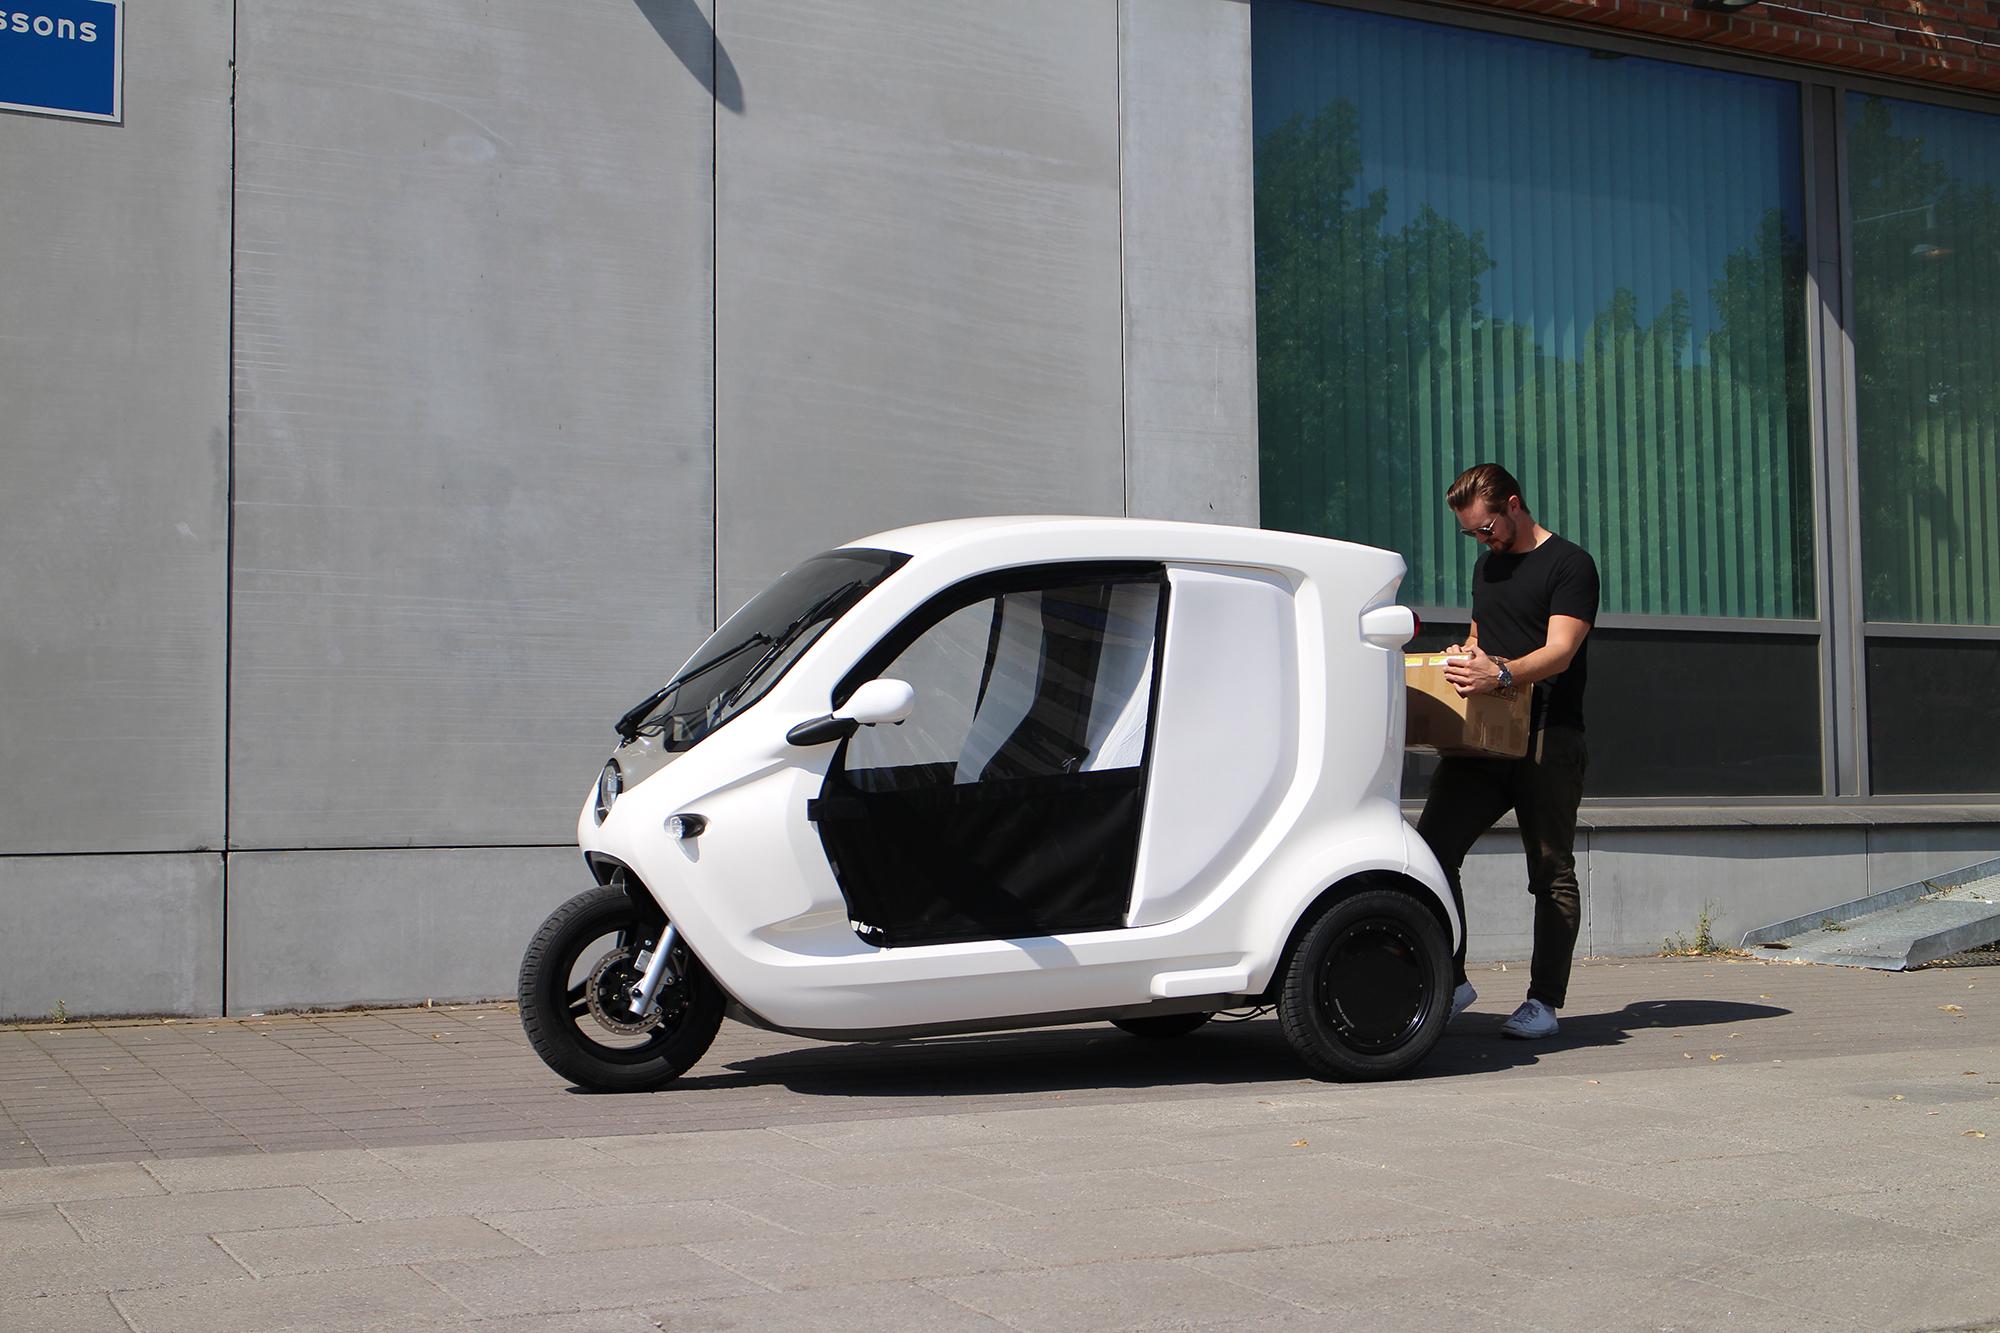 Clean Motion ska utveckla självkörande Zbee Eldriven tuktuk ska användas för autonoma leveranser